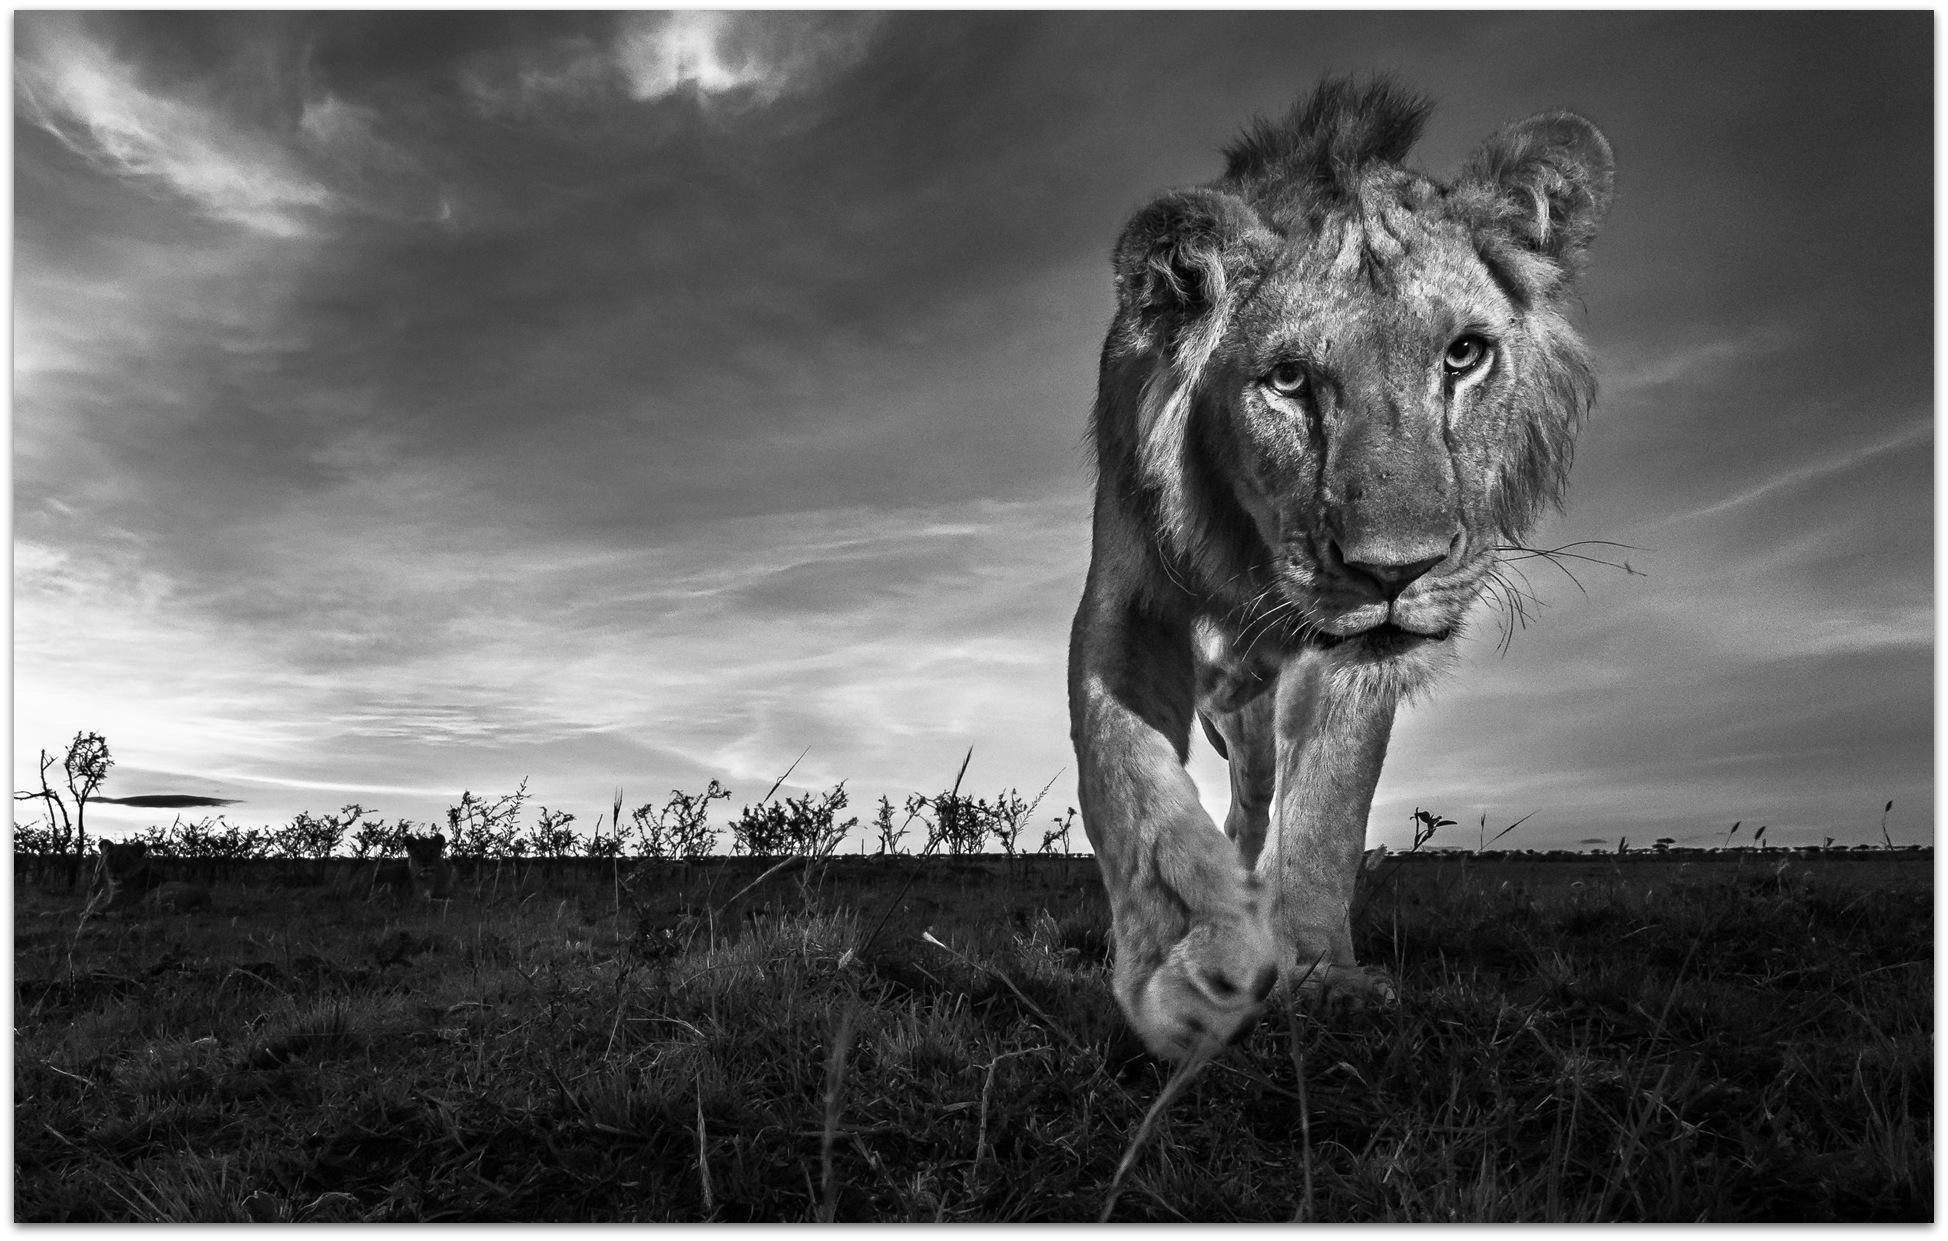 Young lion approaching camera in the Maasai Mara